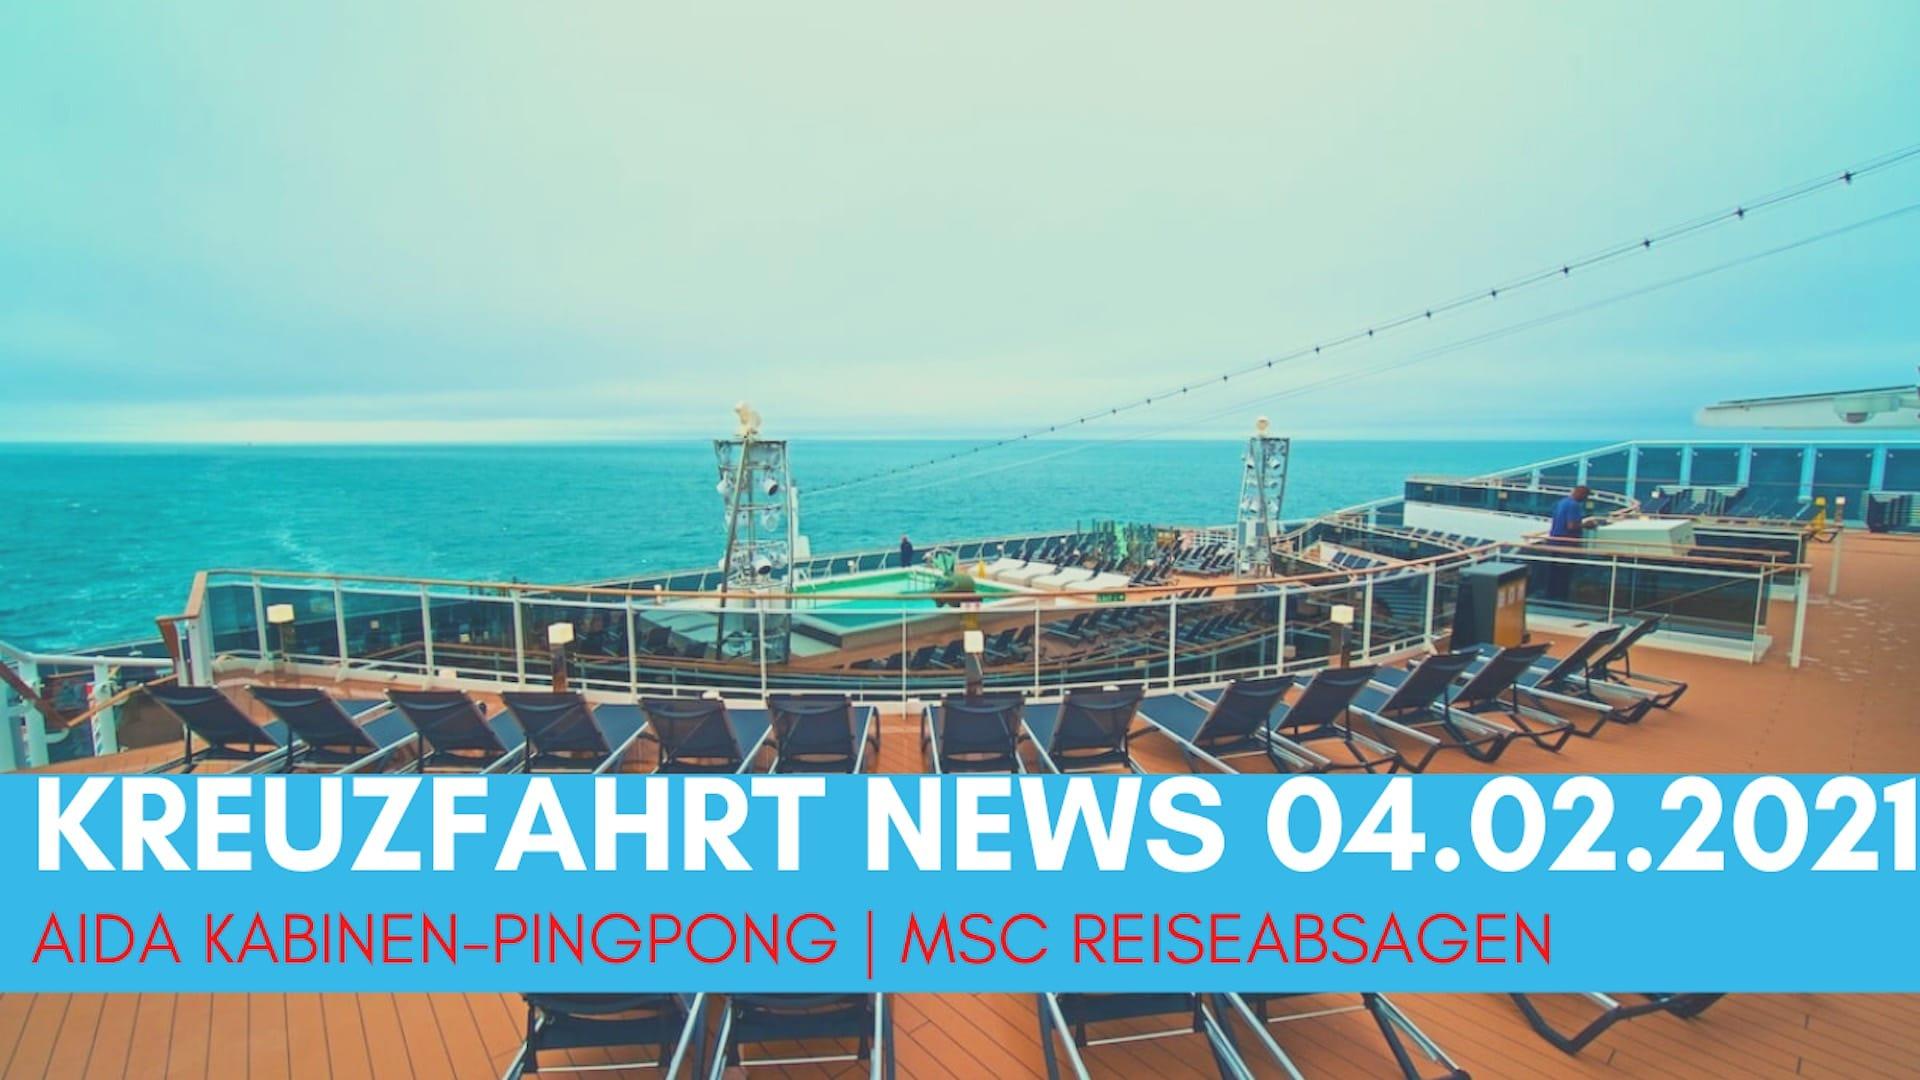 Kreuzfahrt News 04.02.21: AIDA Anrufe wegen Buchungen | 14 Tage Quarantäne | MSC Absagen - Schiffe und Kreuzfahrten - Das Kreuzfahrtmagazin